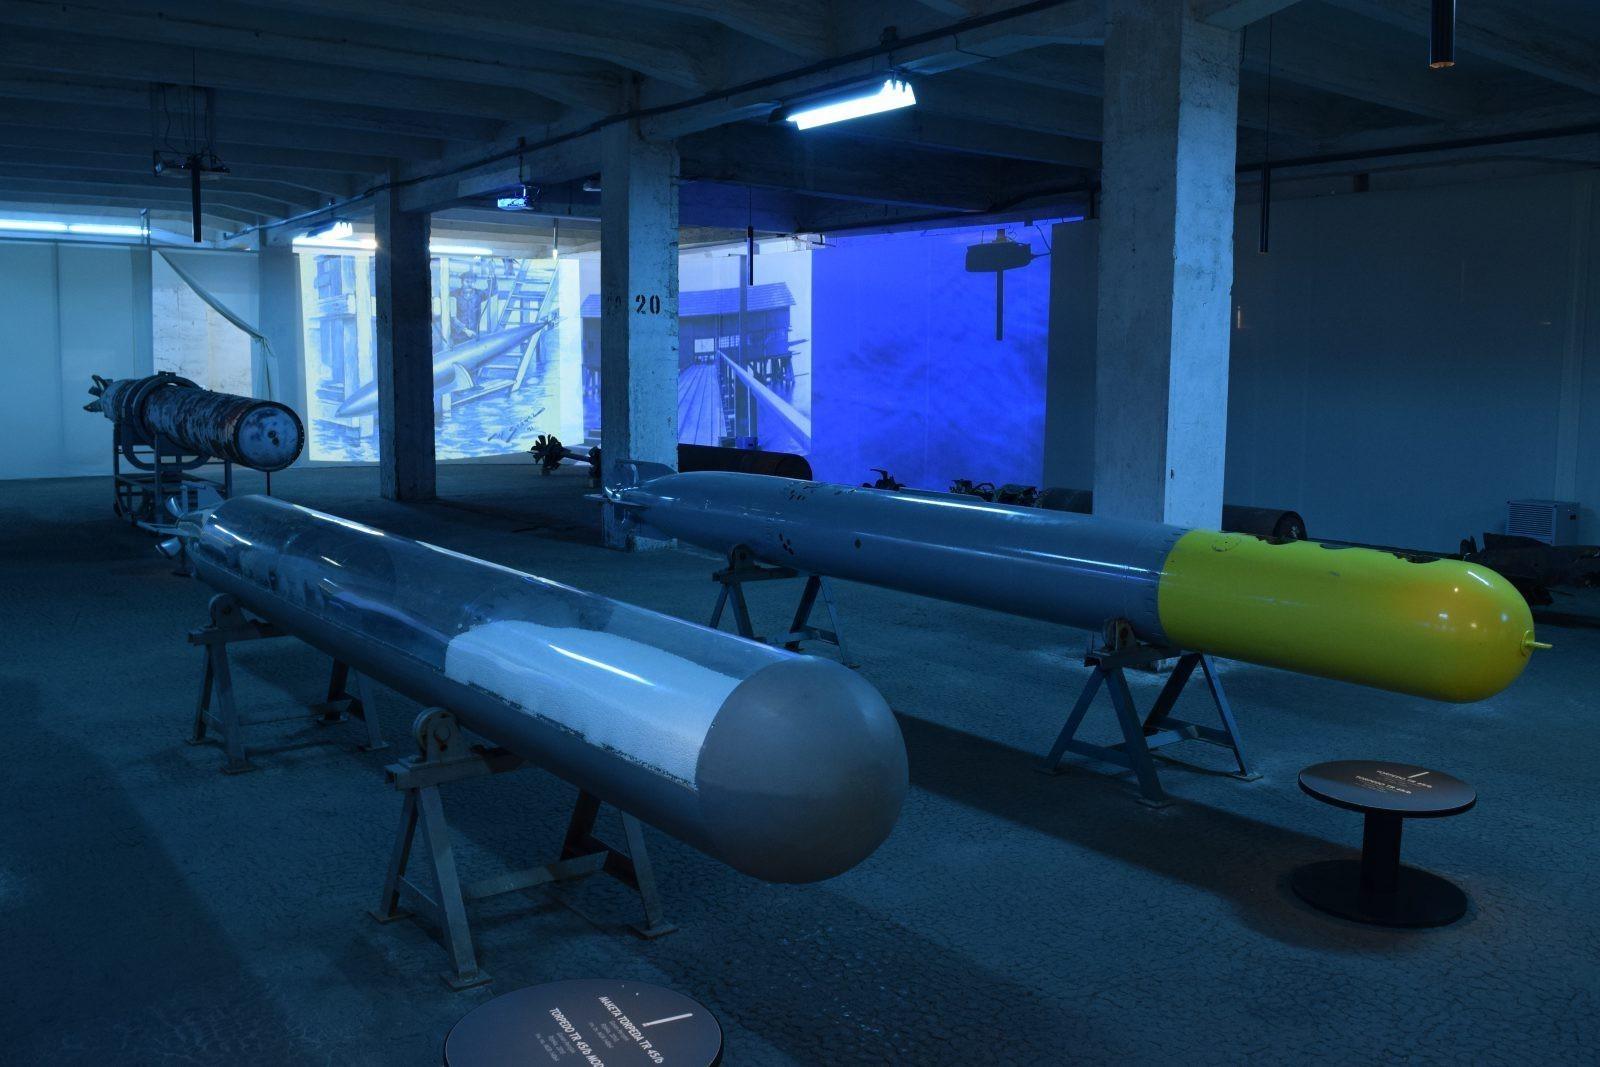 Izložba torpeda otvorena u povodu dolaska kruzera Berlin